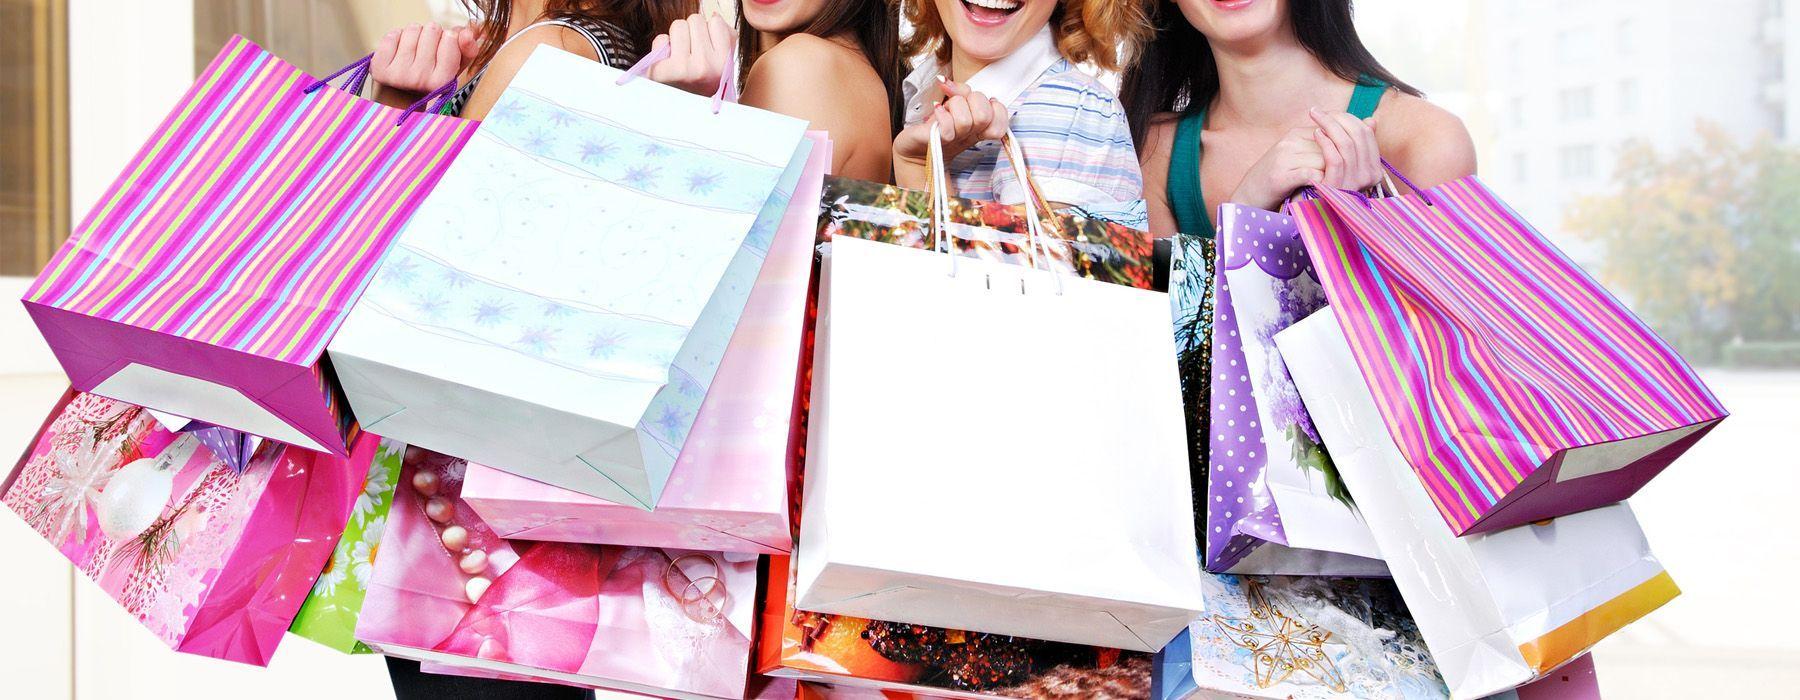 20 capi e accessori da acquistare da Primark durante i saldi invernali